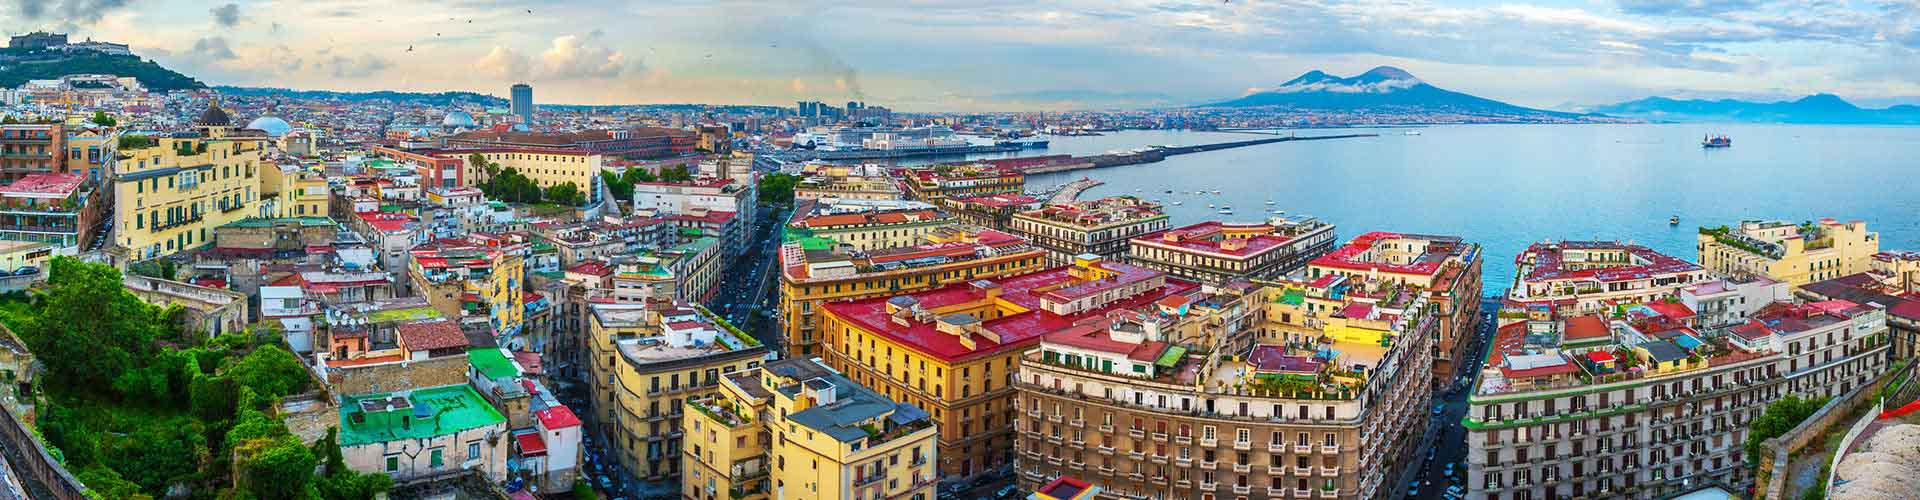 Nápoles - Habitaciones en el distrito San Carlo Arena. Mapas de Nápoles, Fotos y comentarios de cada Habitación en Nápoles.